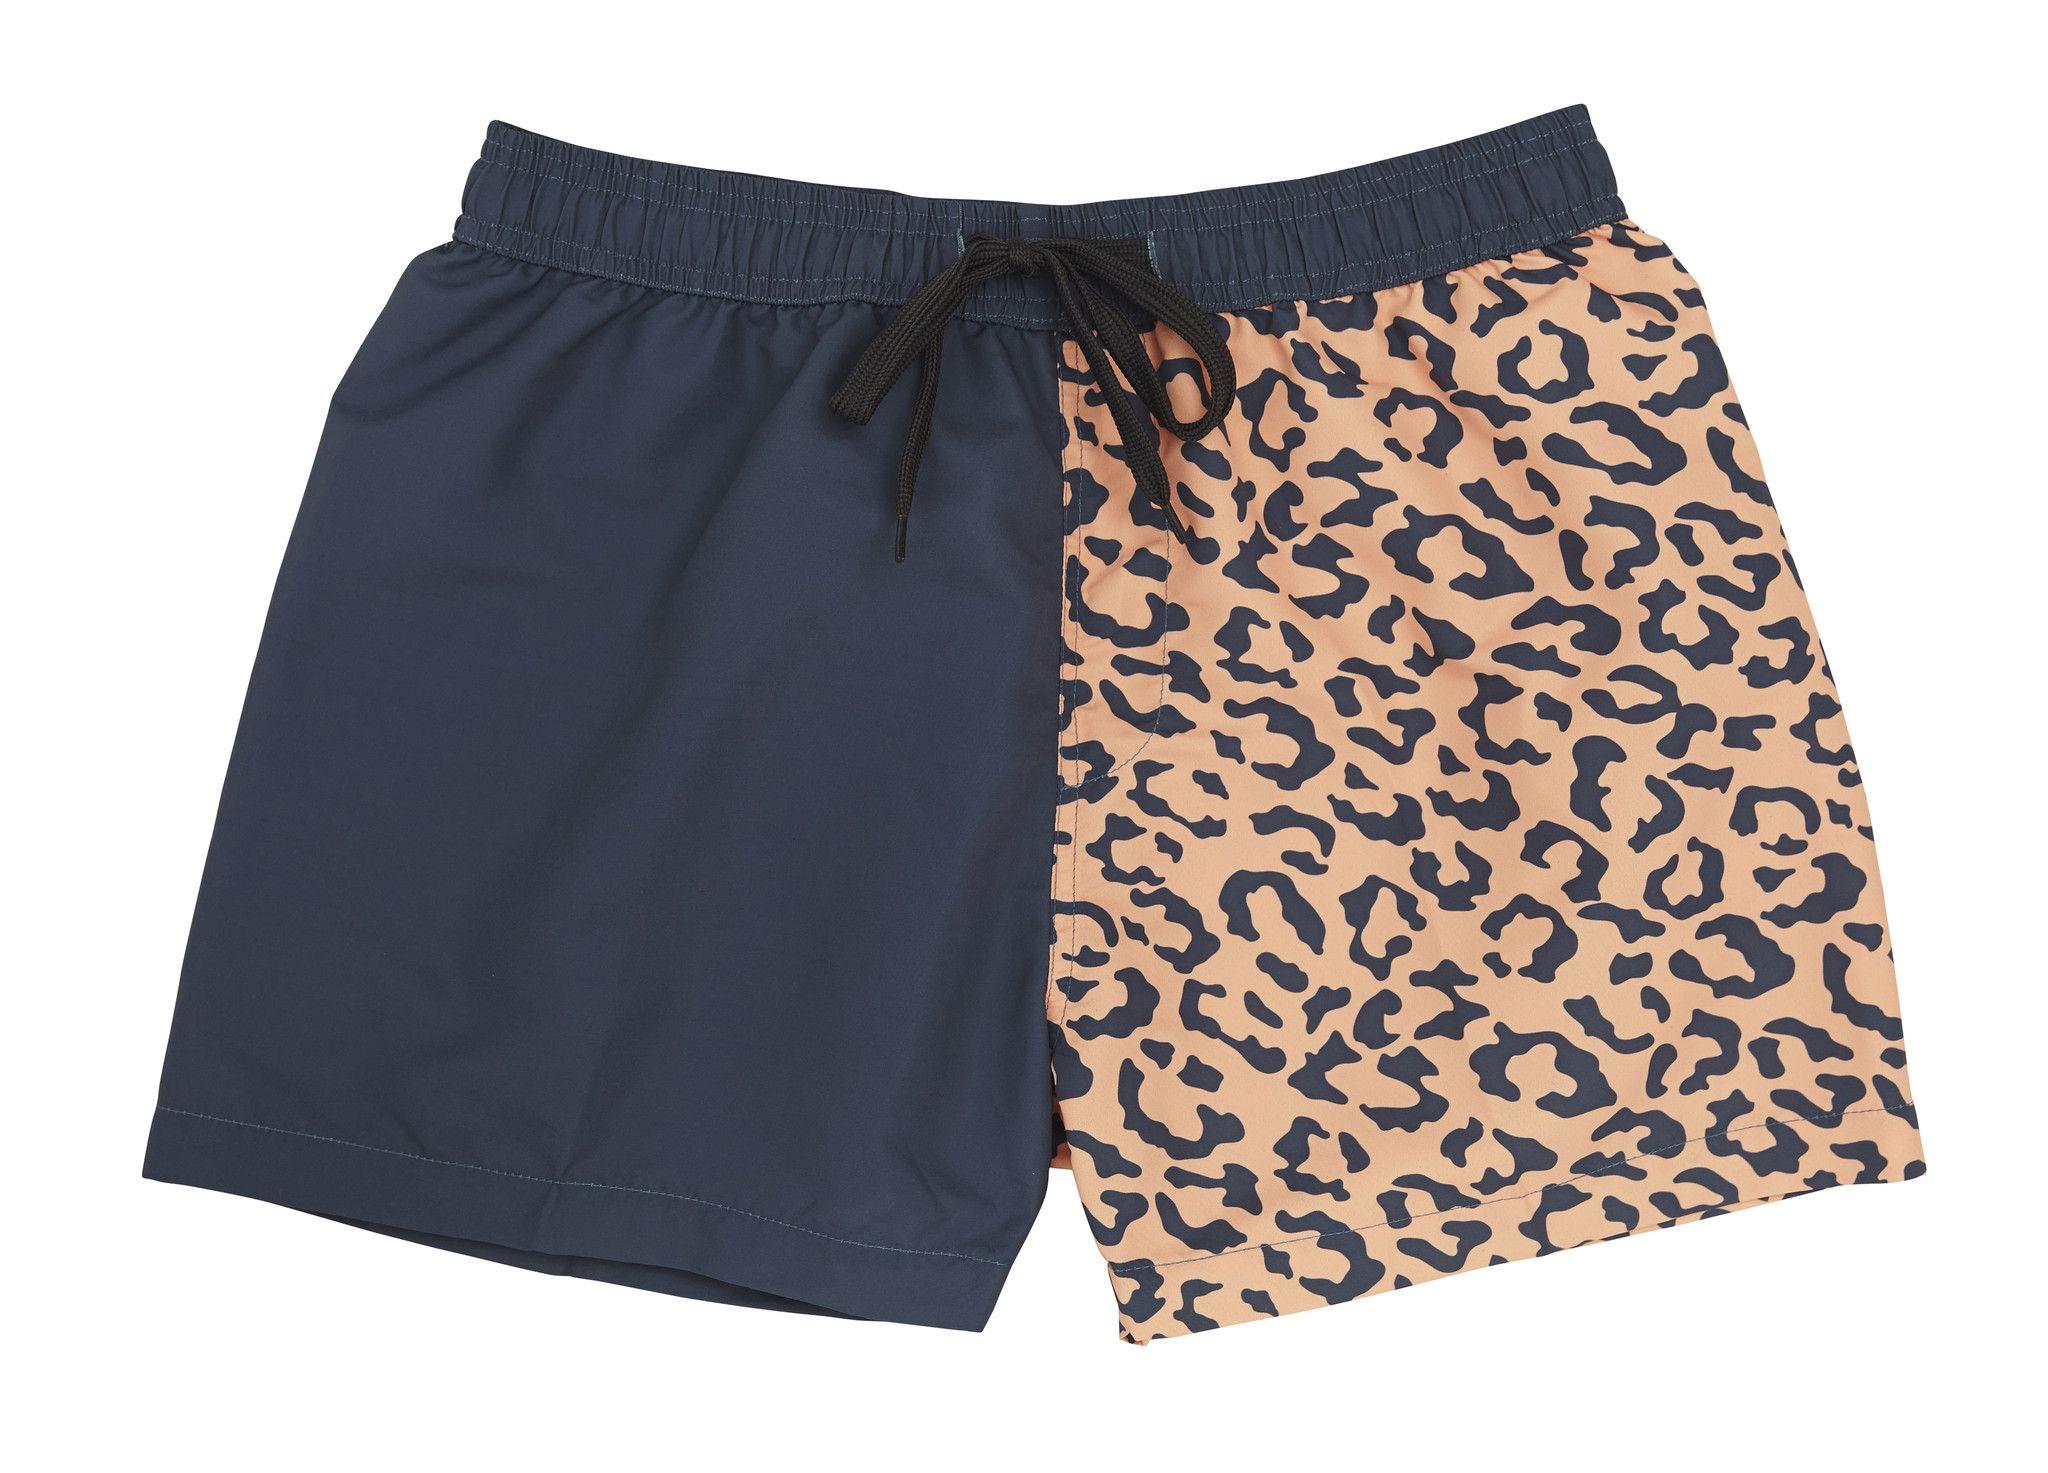 856ef6db62e Animal Print Swim Trunks for Men by Hot Thunder | Men's Style | Swim ...